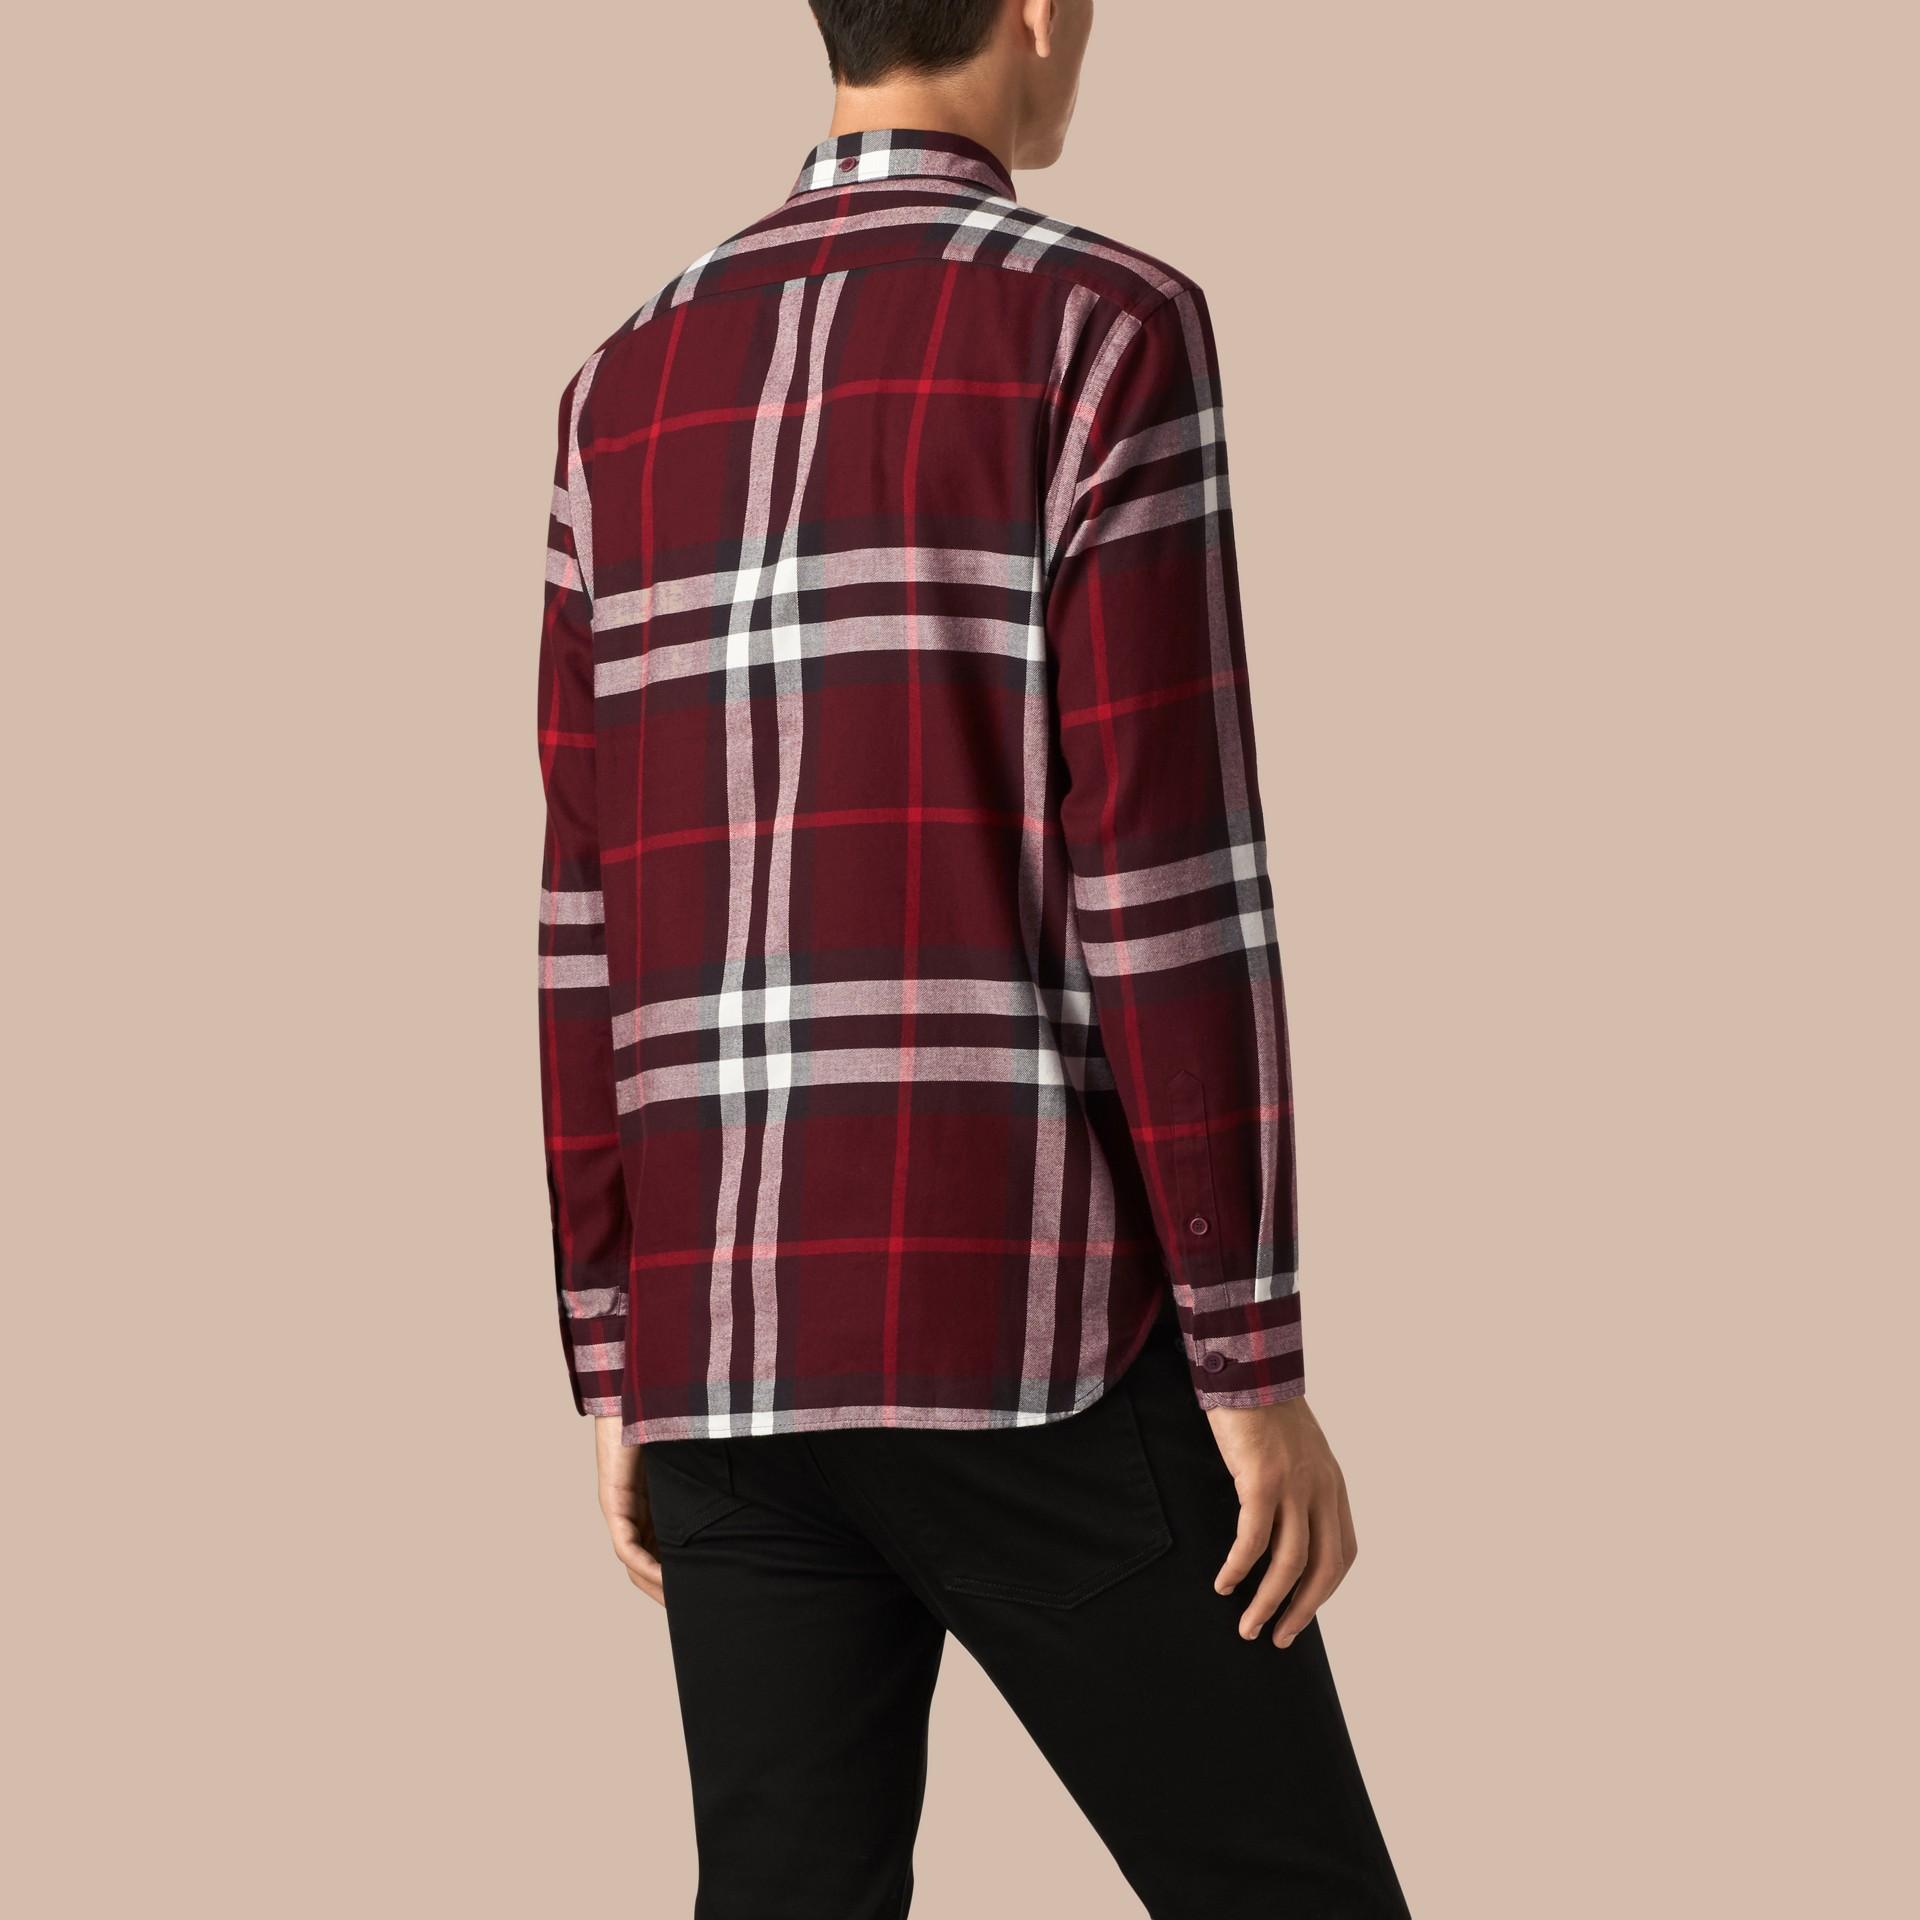 Weinrot Hemd aus Baumwollflanell mit Check-Muster Weinrot - Galerie-Bild 3